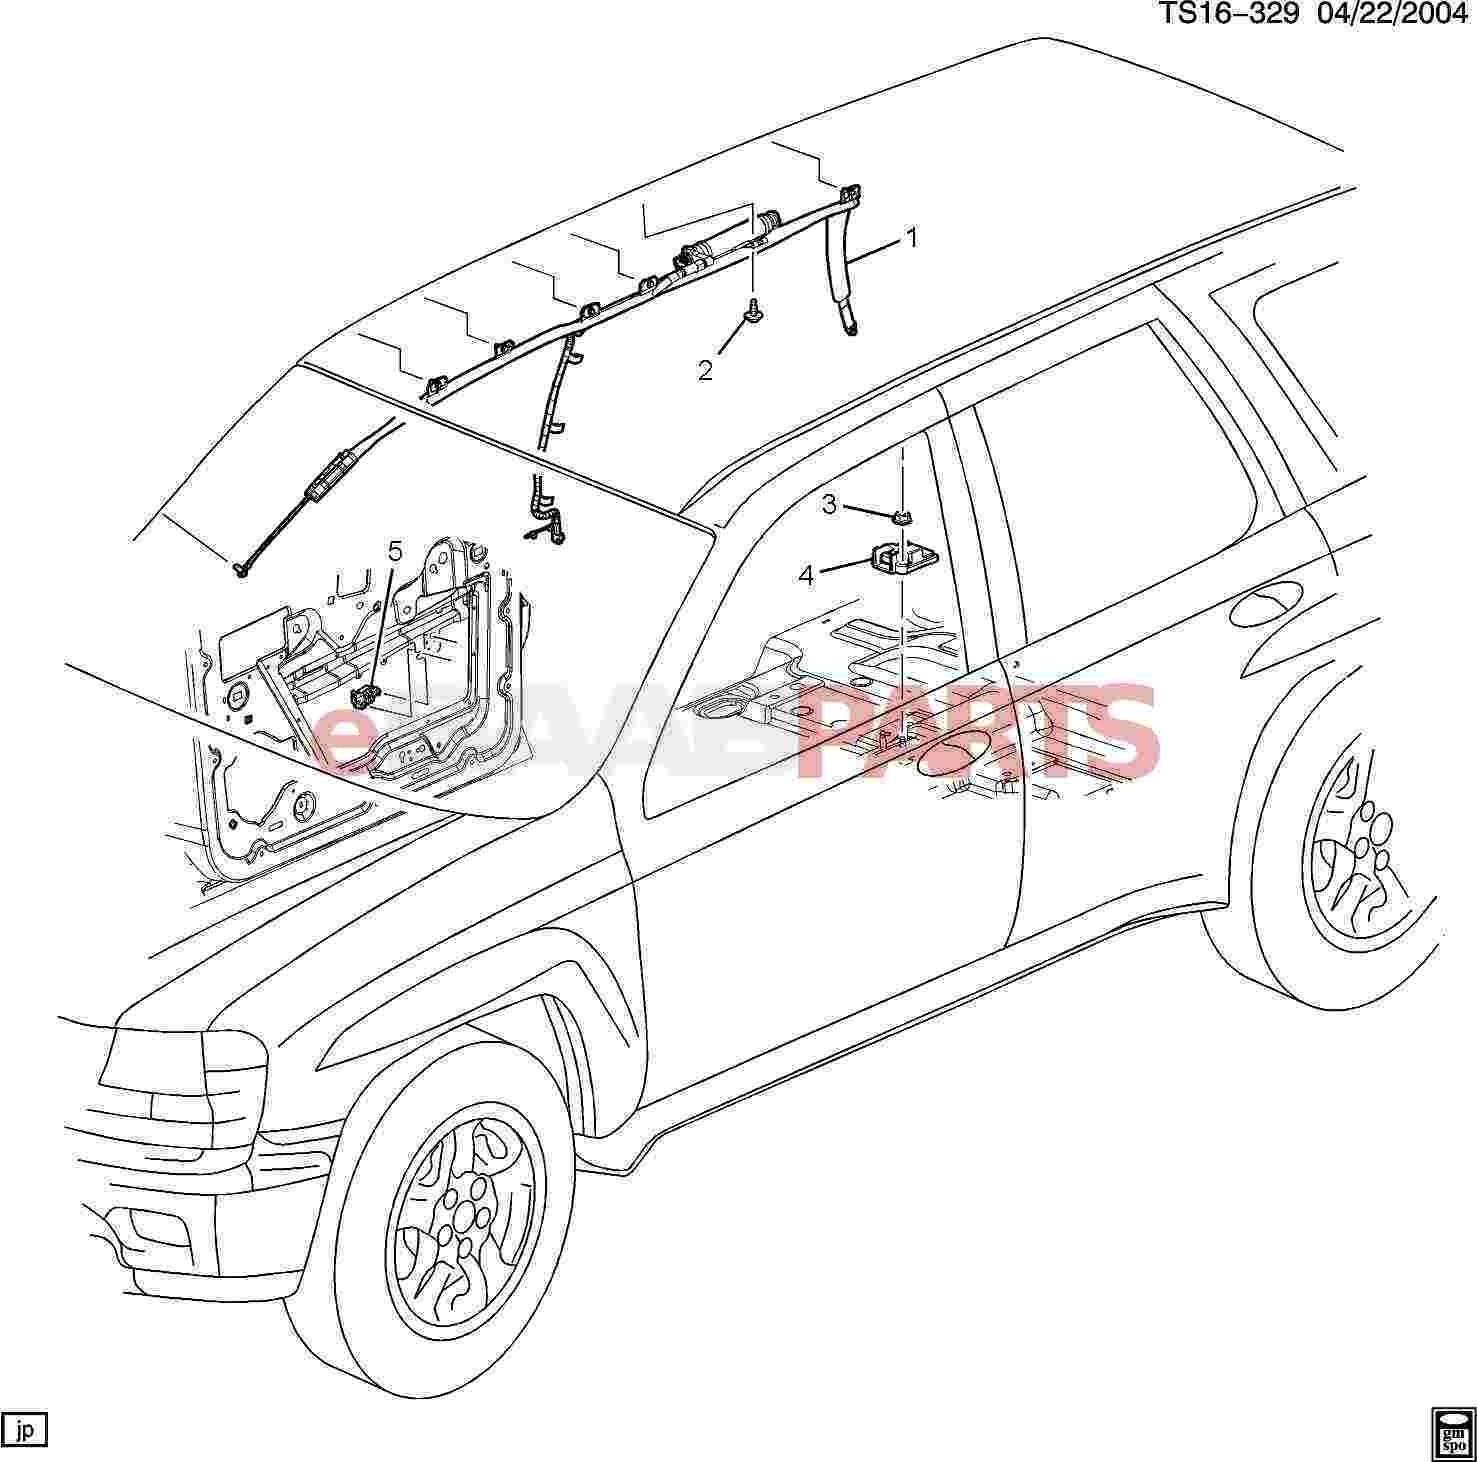 Car Exterior Body Parts Diagram Car Part Diagram Exterior Diagram Car Exterior Parts ] Saab Nut Hfh Of Car Exterior Body Parts Diagram